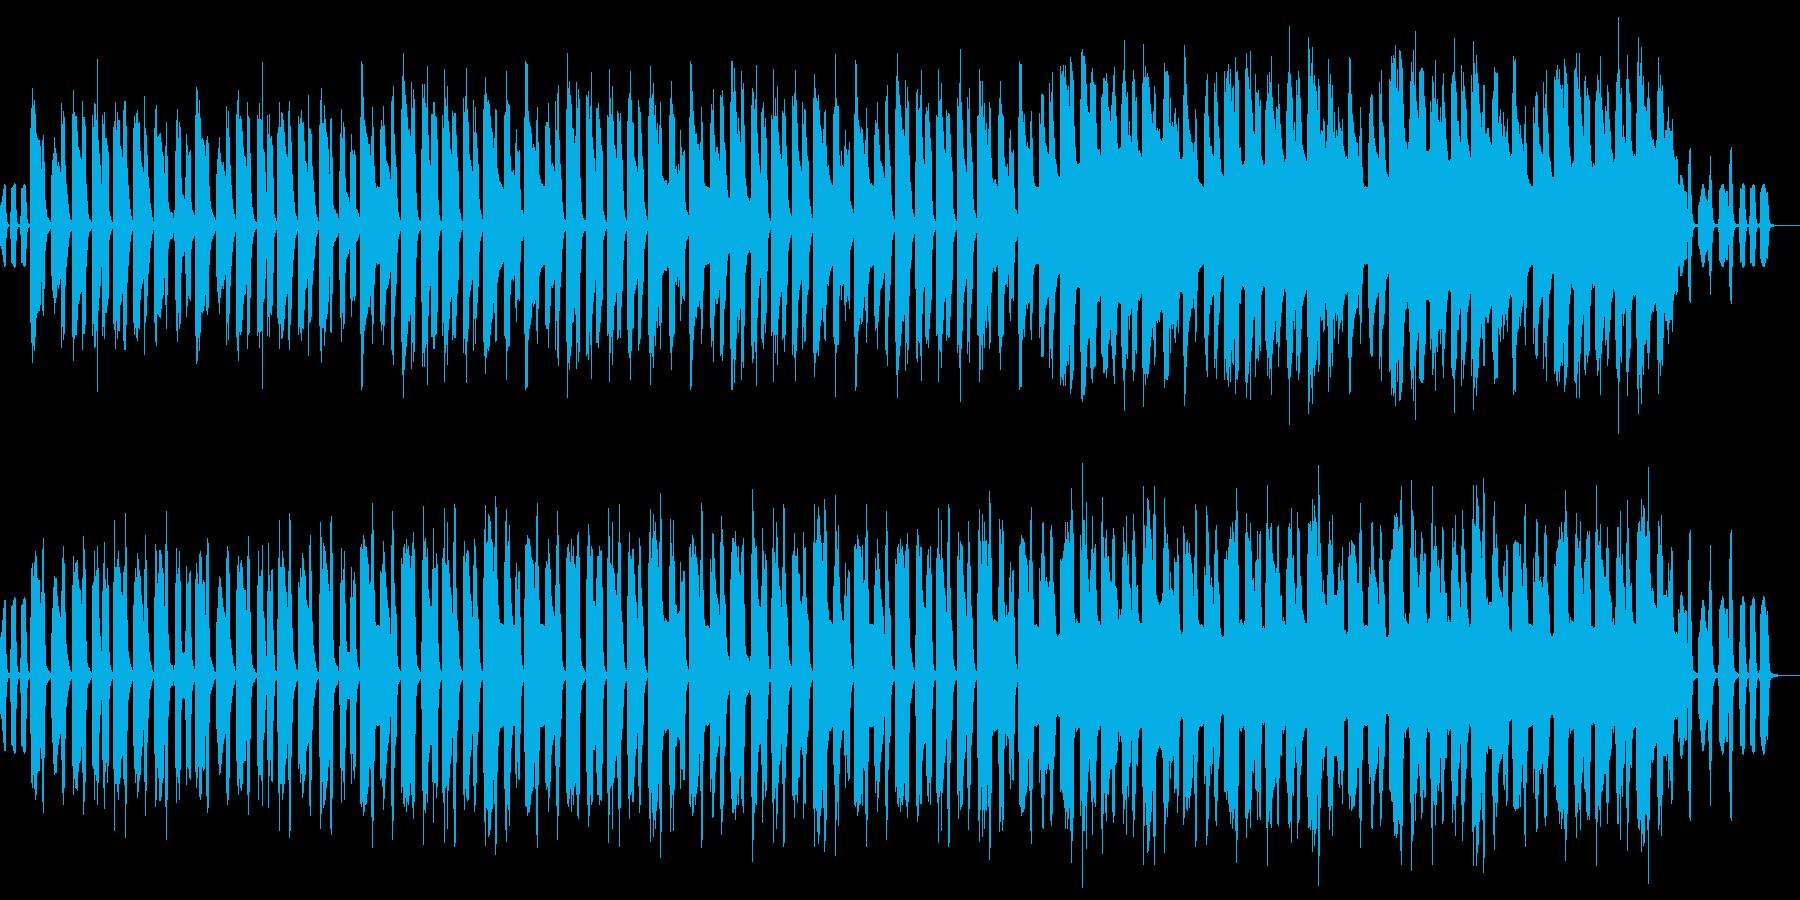 ハッピーエンドを感じる牧歌的で明るい小曲の再生済みの波形